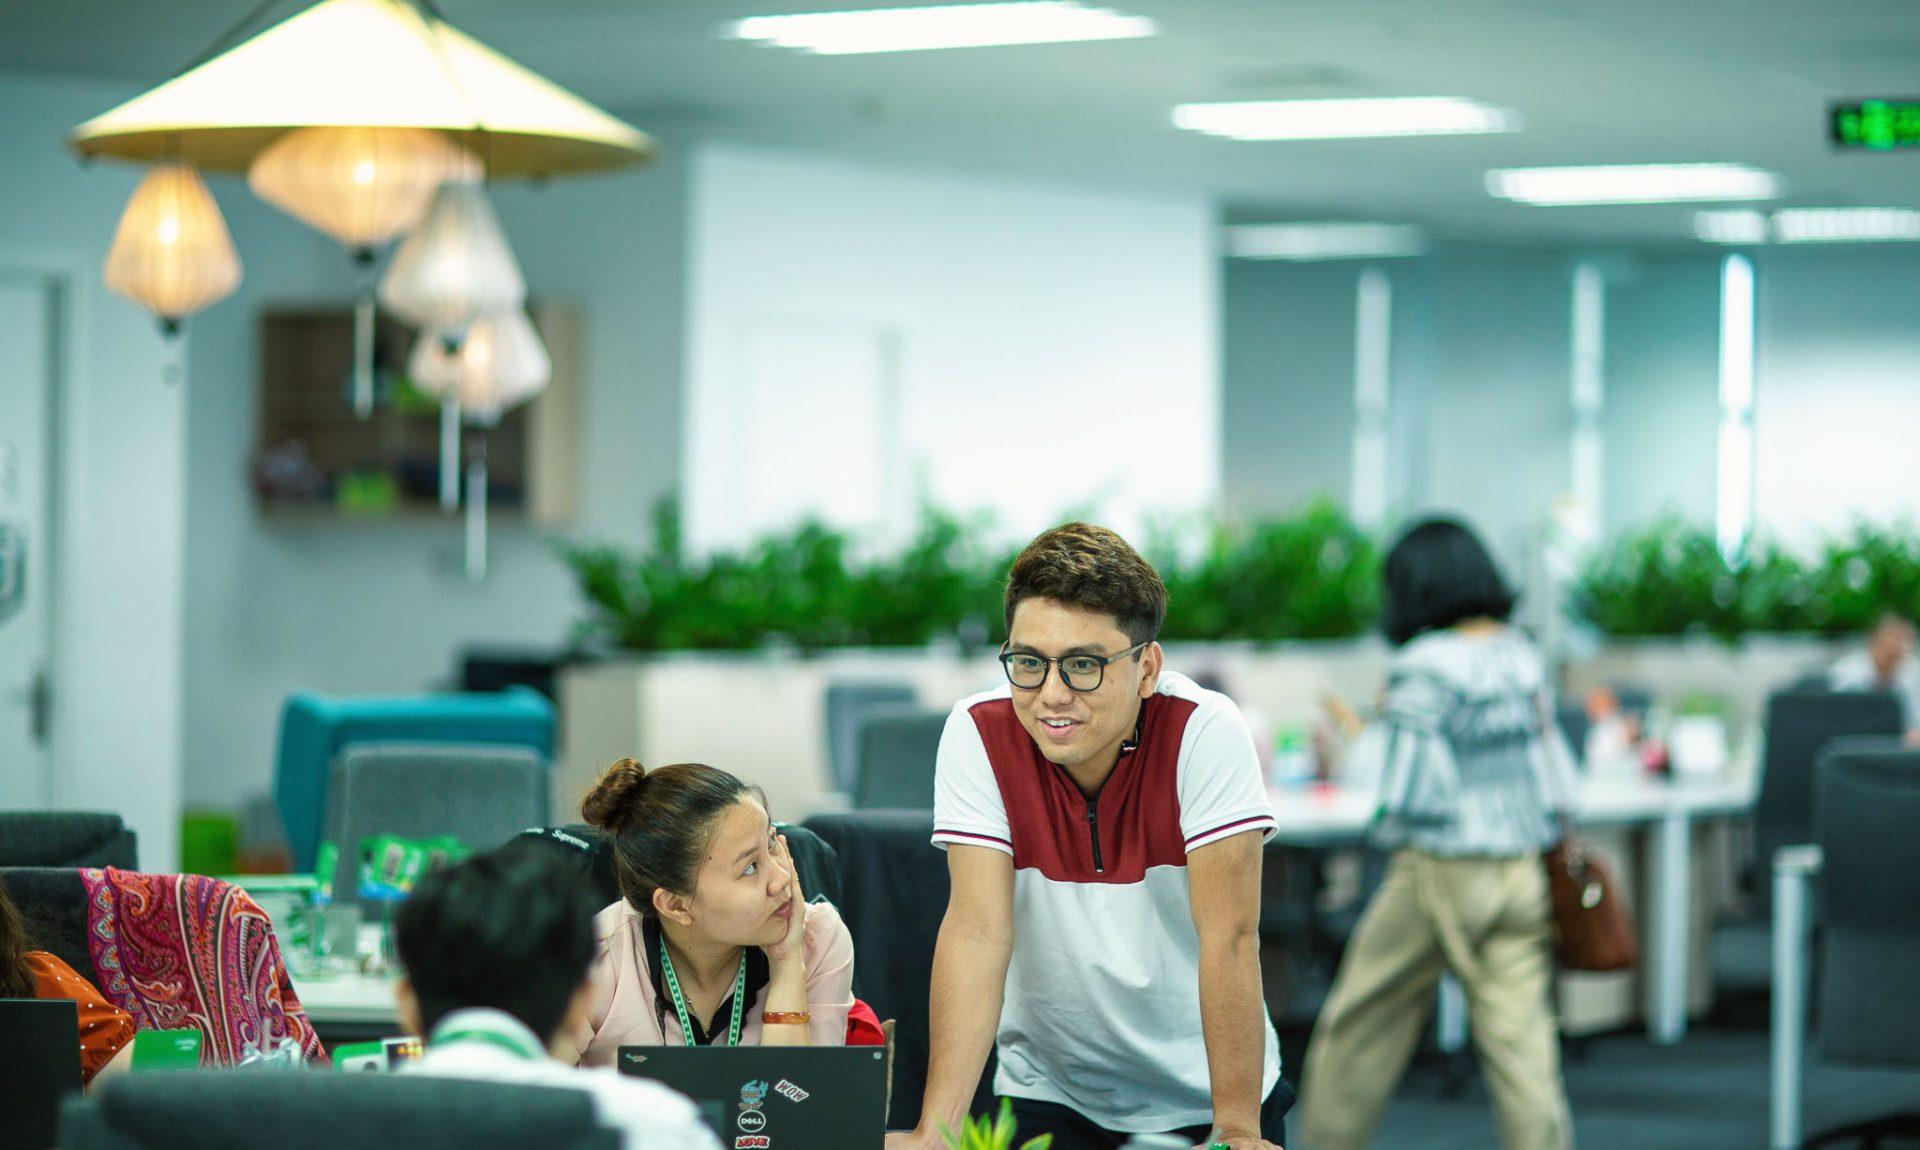 """Grab được bình chọn là """"Công ty công nghệ có môi trường làm việc tốt nhất Việt Nam năm 2020″ - 2"""